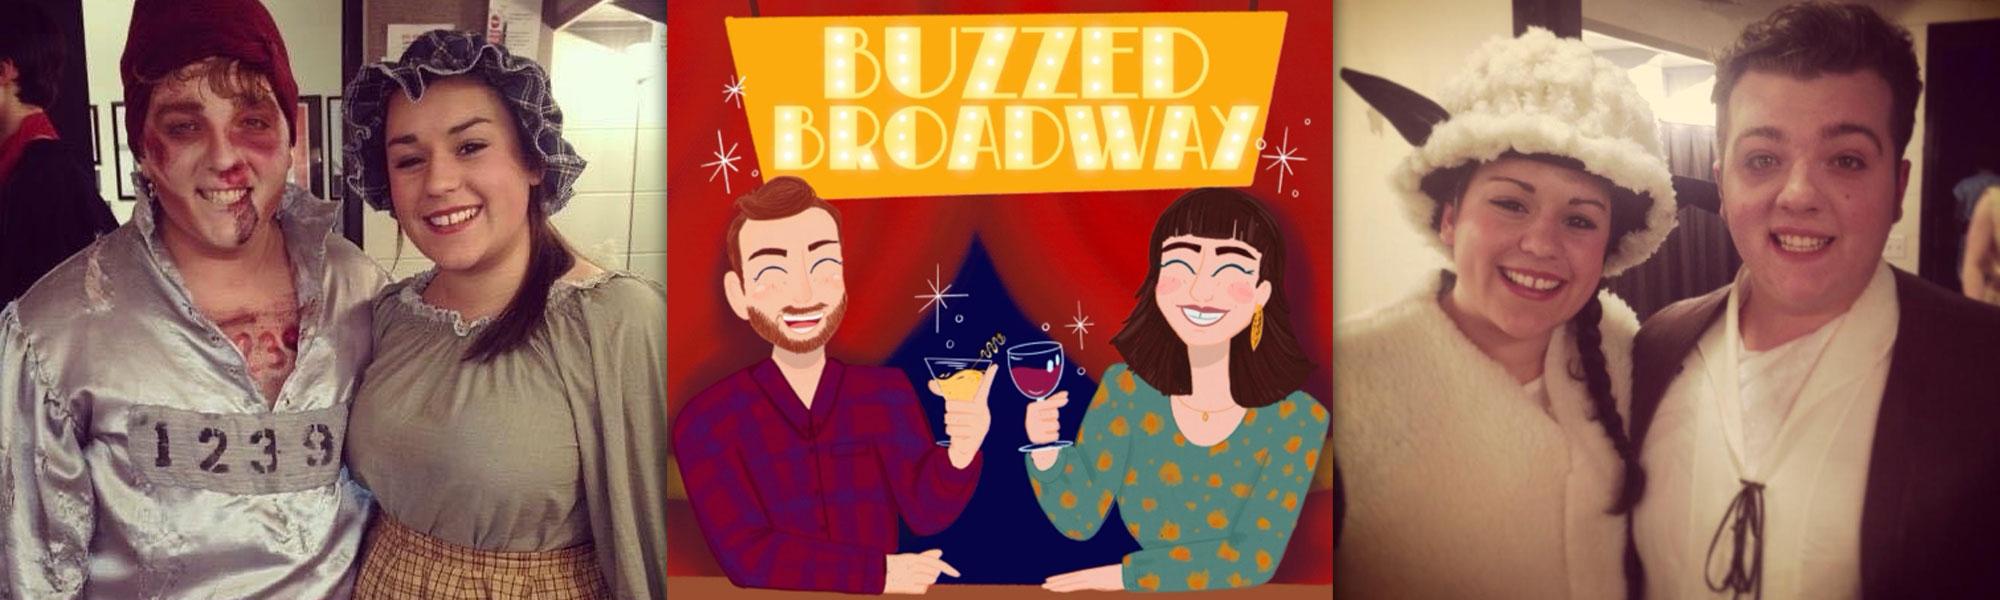 Buzzed Broadway